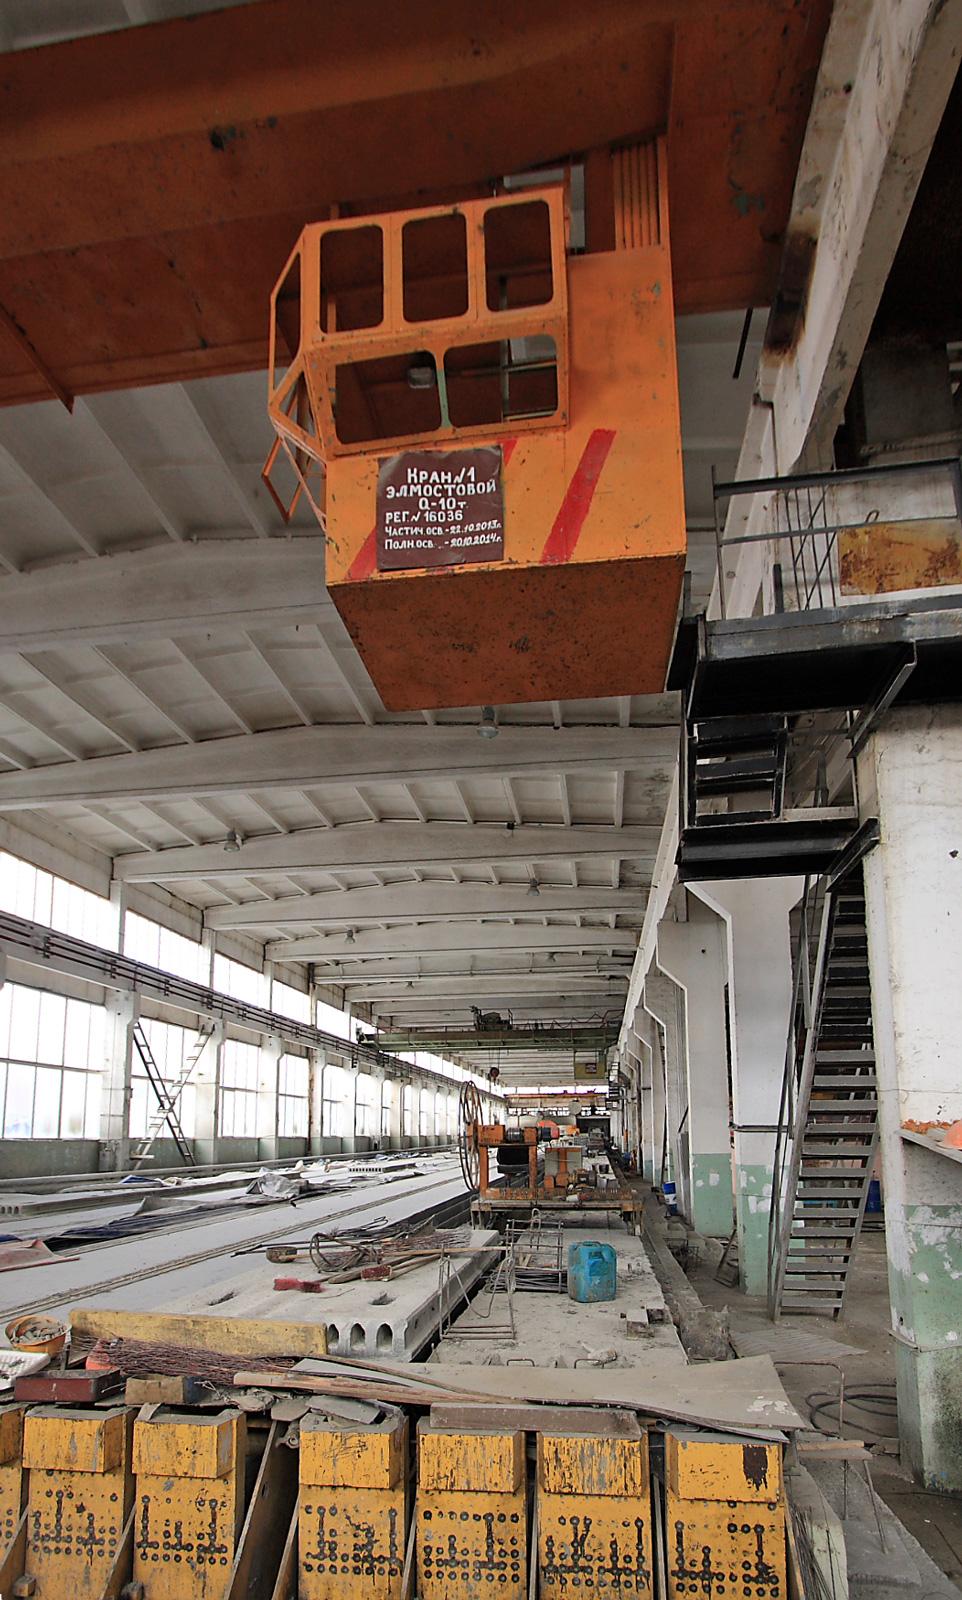 Продажа территории жби перемычки железобетонные челябинск